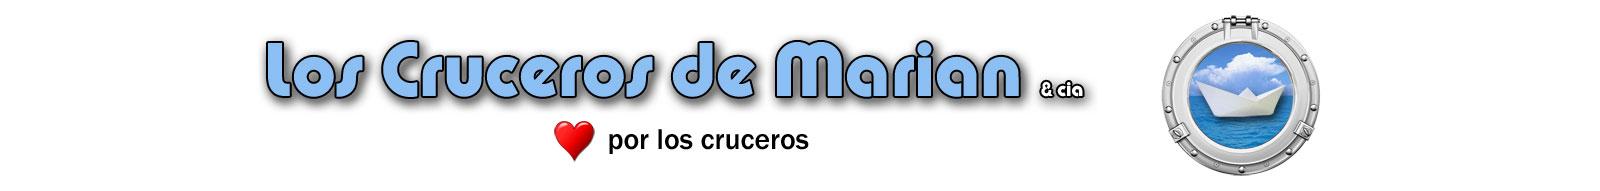 Los Cruceros de Marian